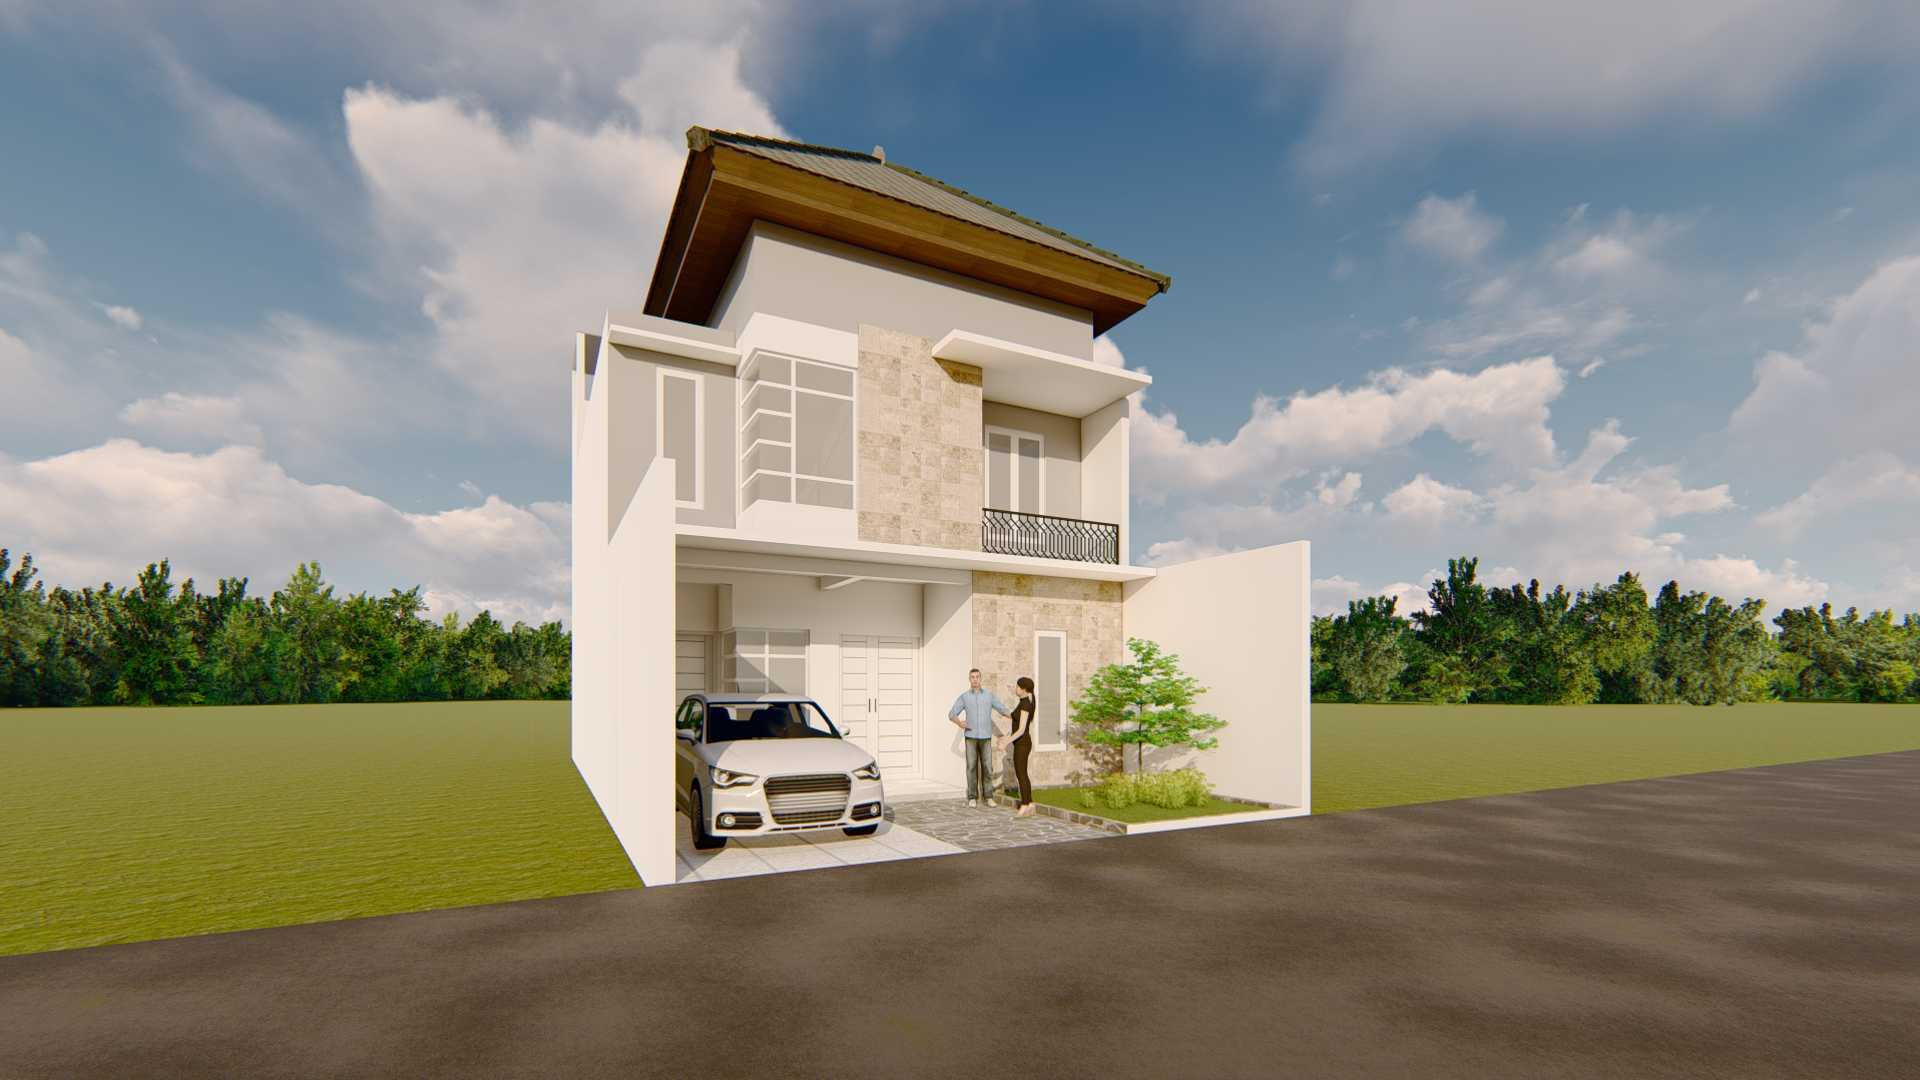 Astabumi Studio Sd House Tangerang Tangerang, Kota Tangerang, Banten, Indonesia Yogyakarta Cv-Astabumi-Manunggal-Prakarsa-Rumah-2-Lantai-Modern-Minimalis  119362